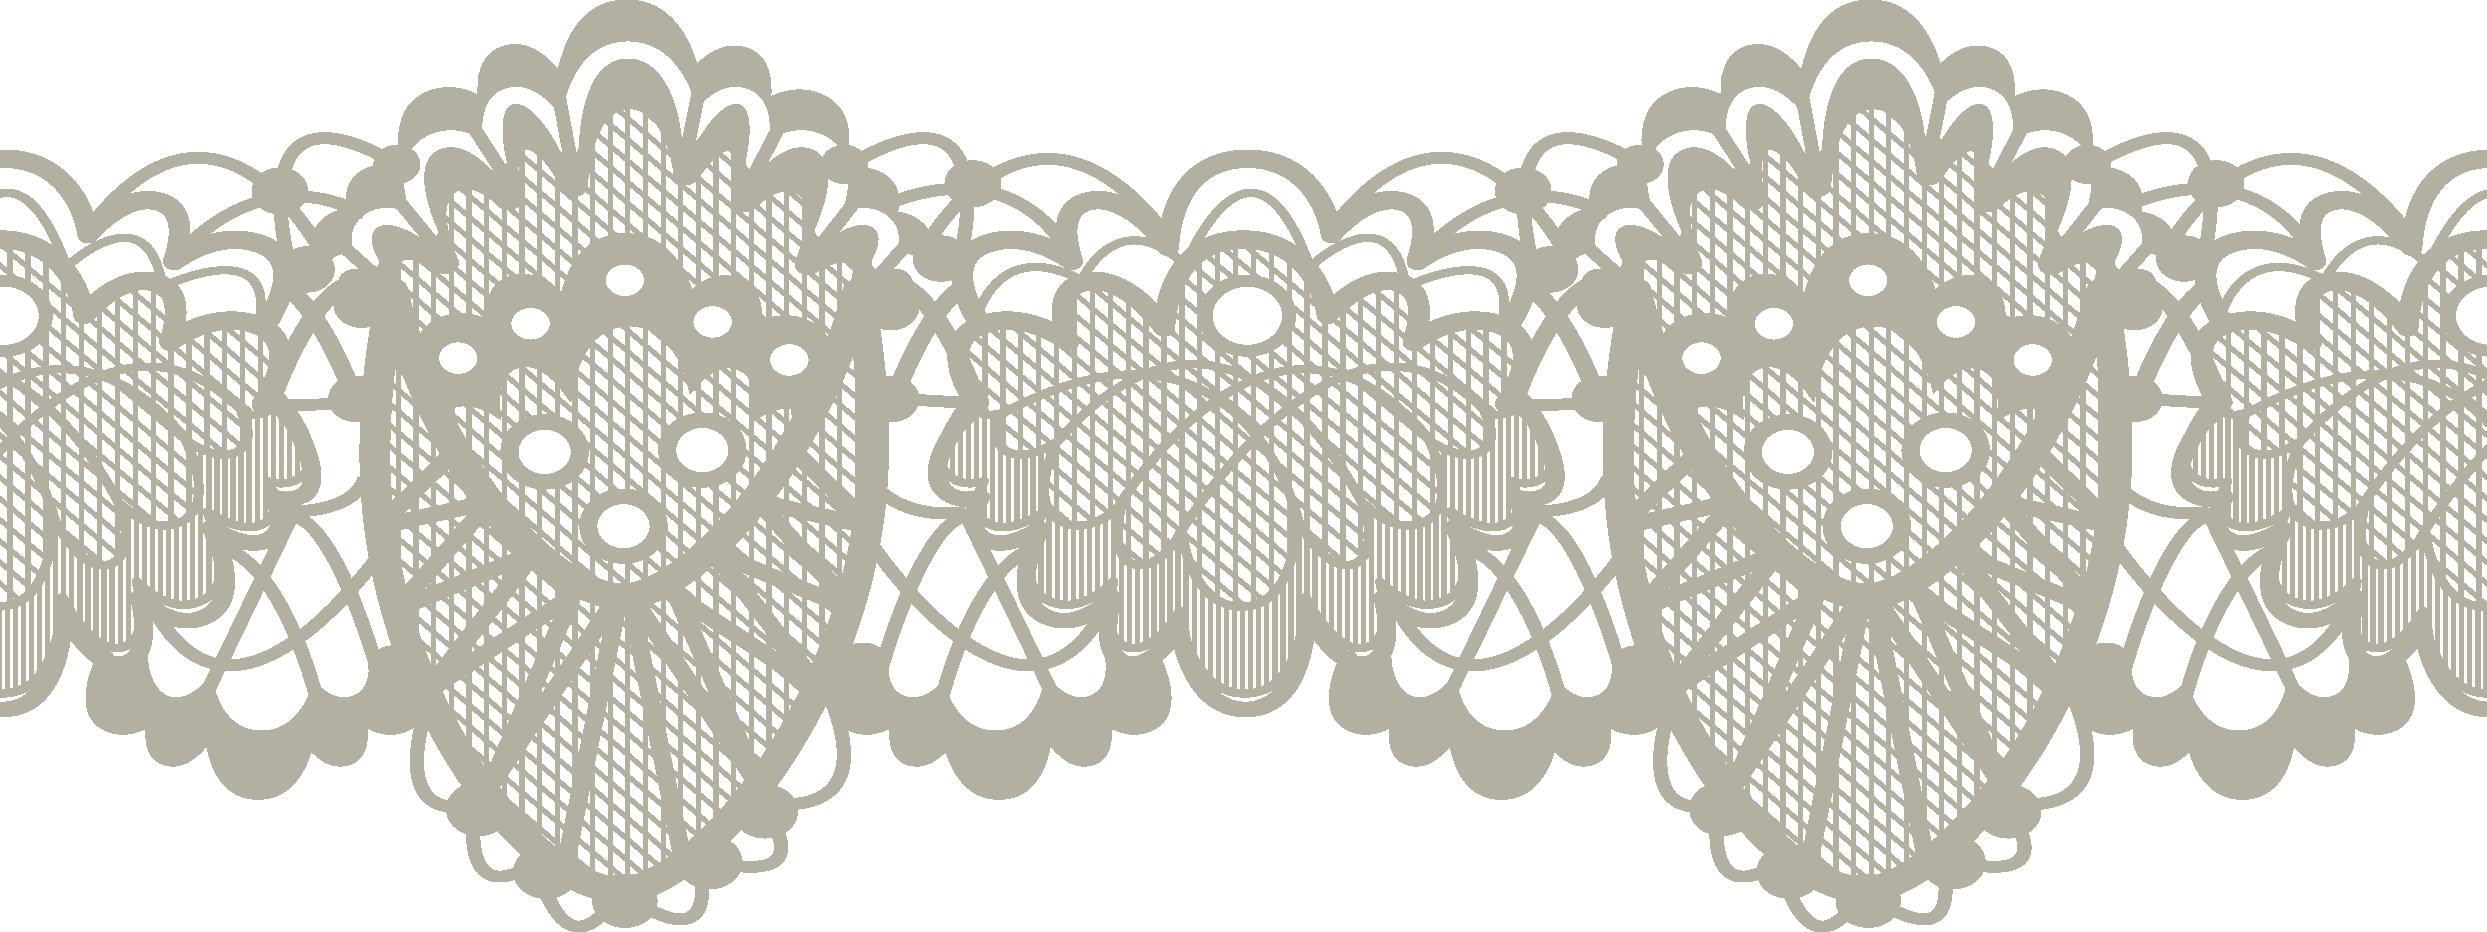 Картинка кружево на прозрачном фоне